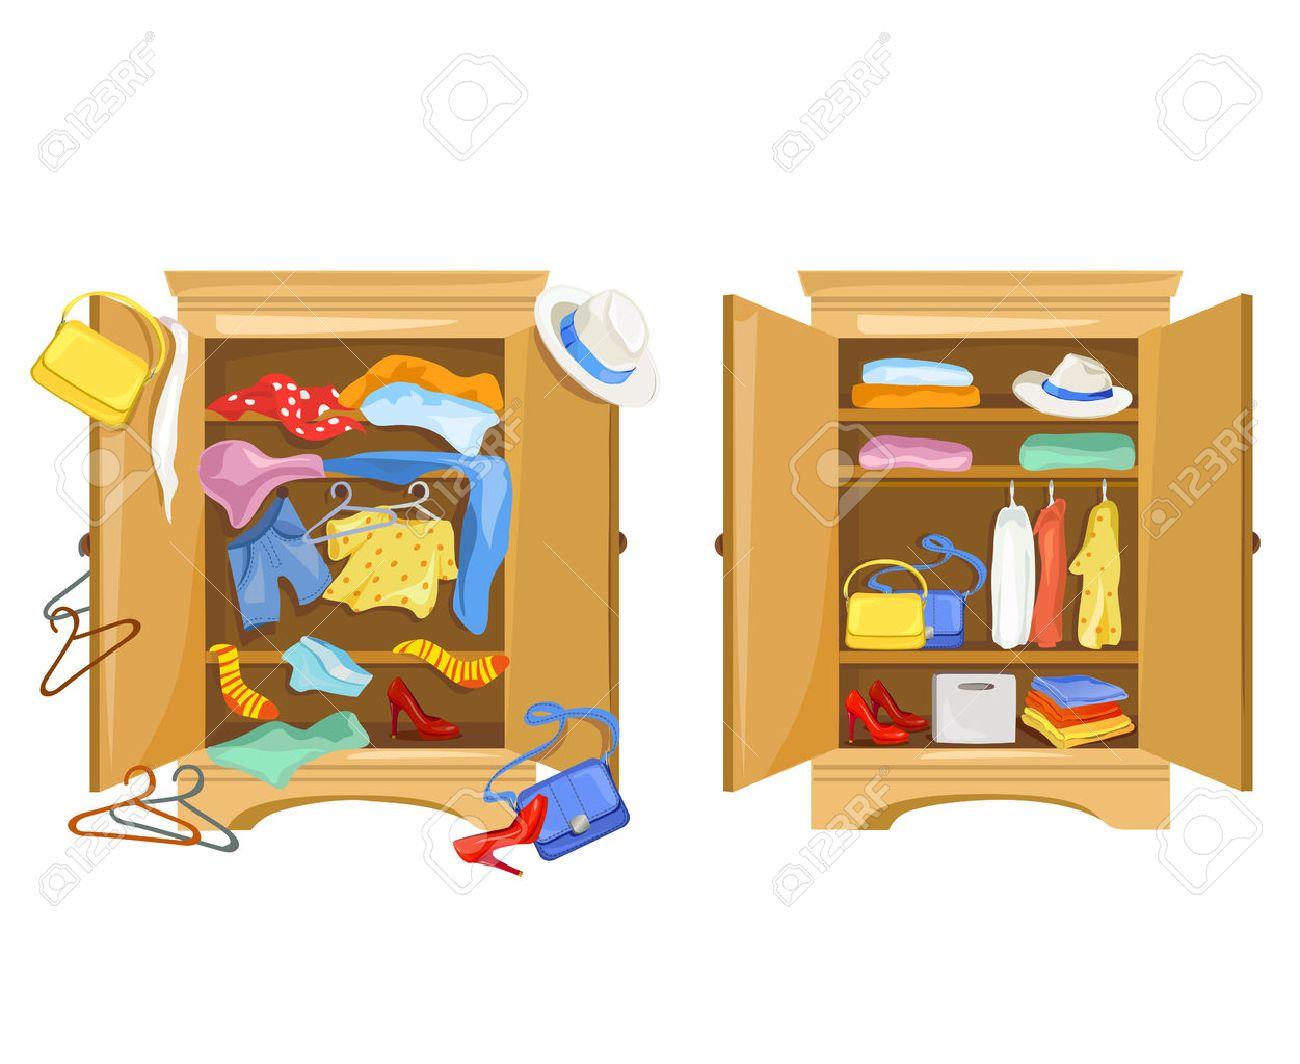 Schränke mit Kleidung. im Schrank ordentlich und Unordnung. Vektor-Illustration Standard-Bild - 68720082